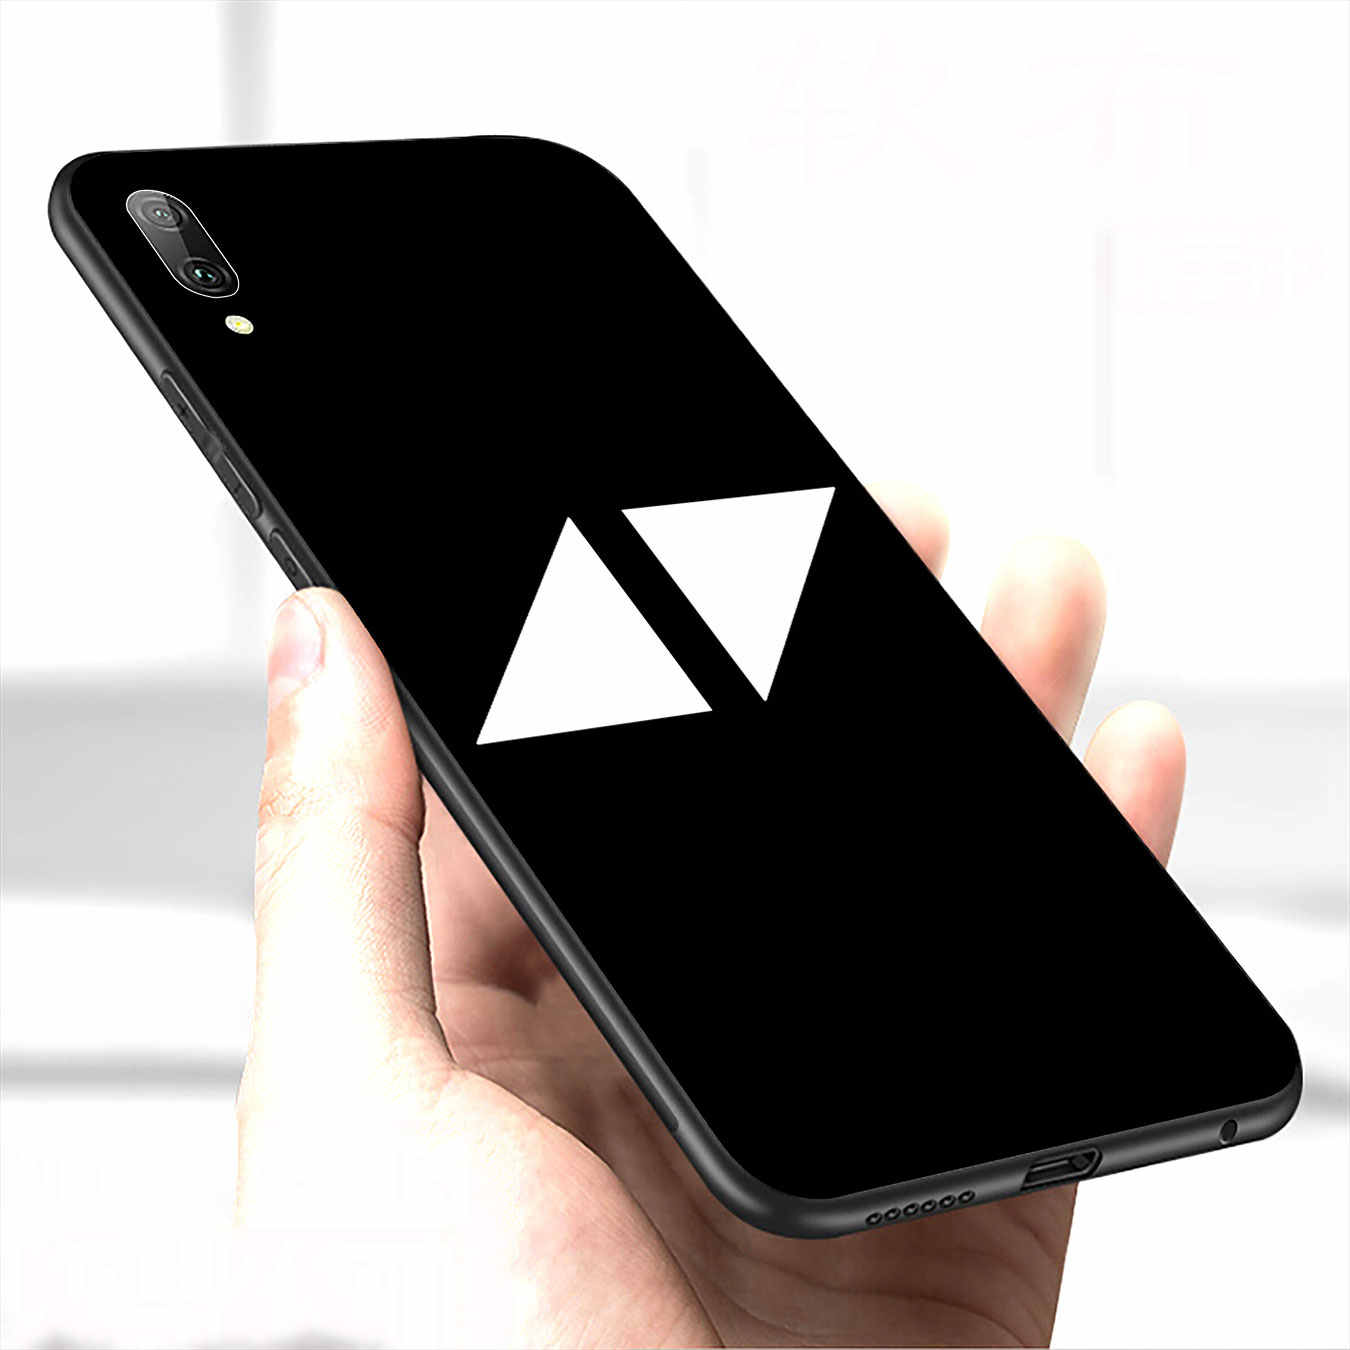 Avicii DJ Tim Bergling excelente suave funda de silicona para teléfono Huawei Mate 30 20 10 Pro funda Nova 5i 4 3 3i 2i 2 Lite